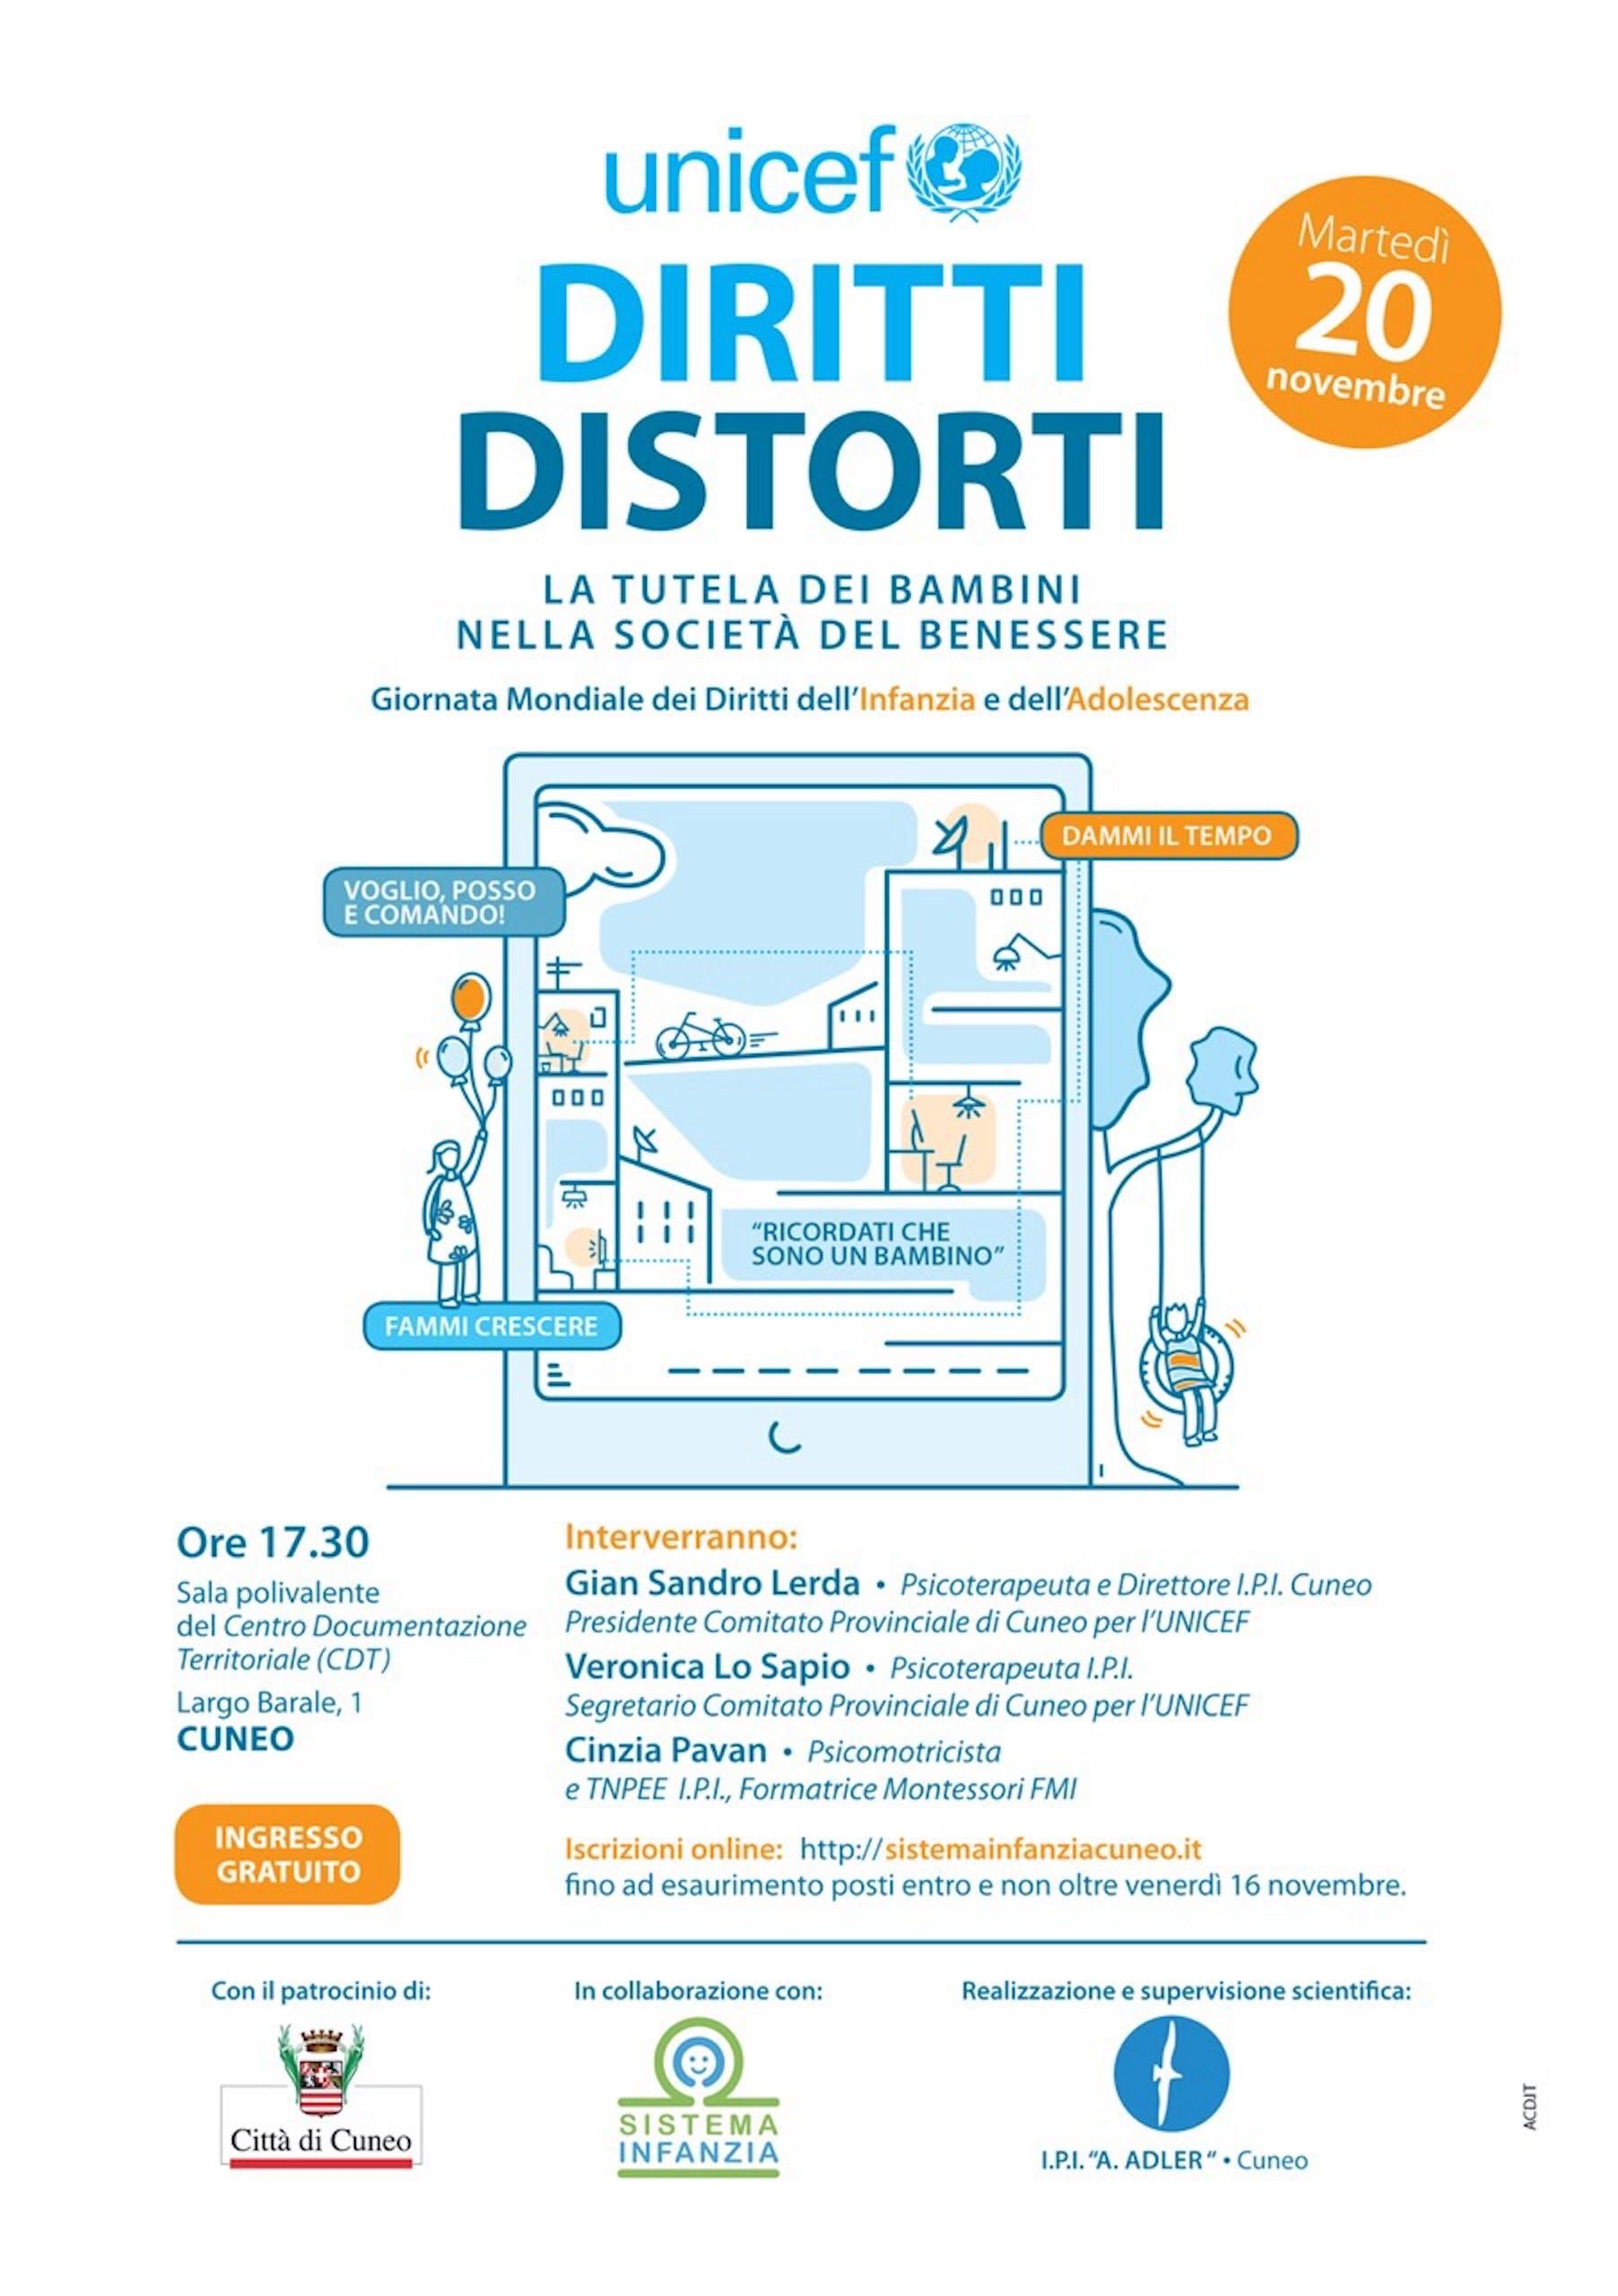 Diritti Distorti e la tutela dei bambini nella società del benessere, il 20 novembre a Cuneo per la Giornata Mondiale dell'Infanzia e dell'Adolescenza